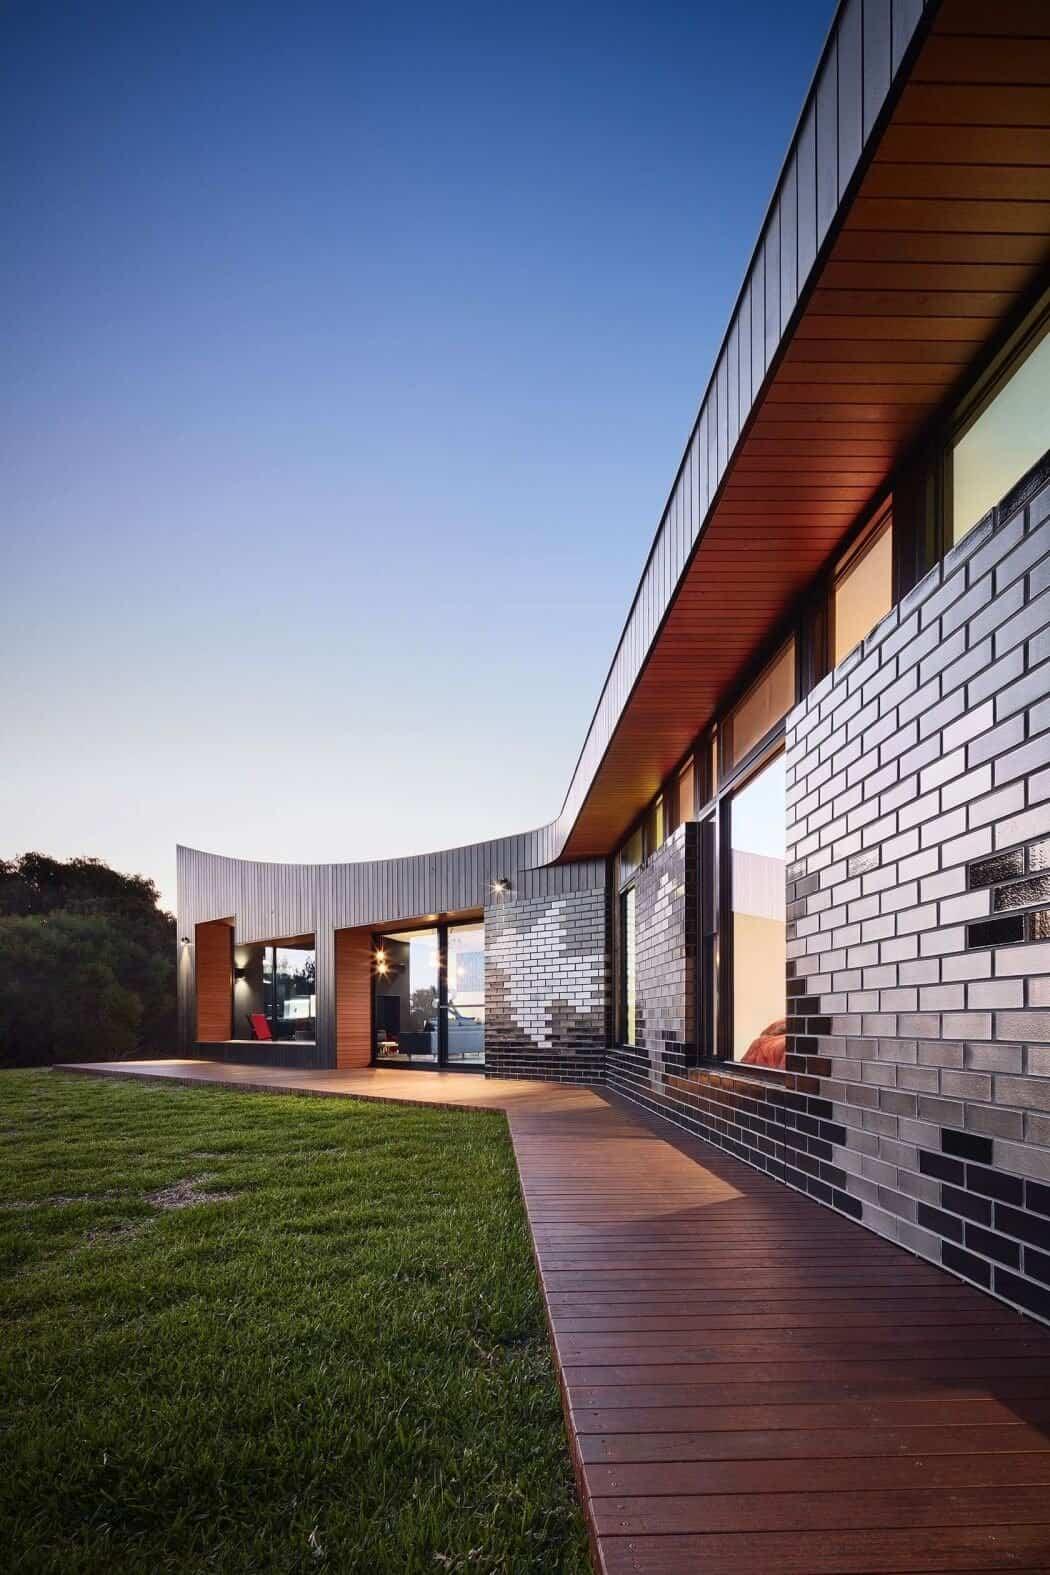 casa moderna en Australia - pasarela exterior